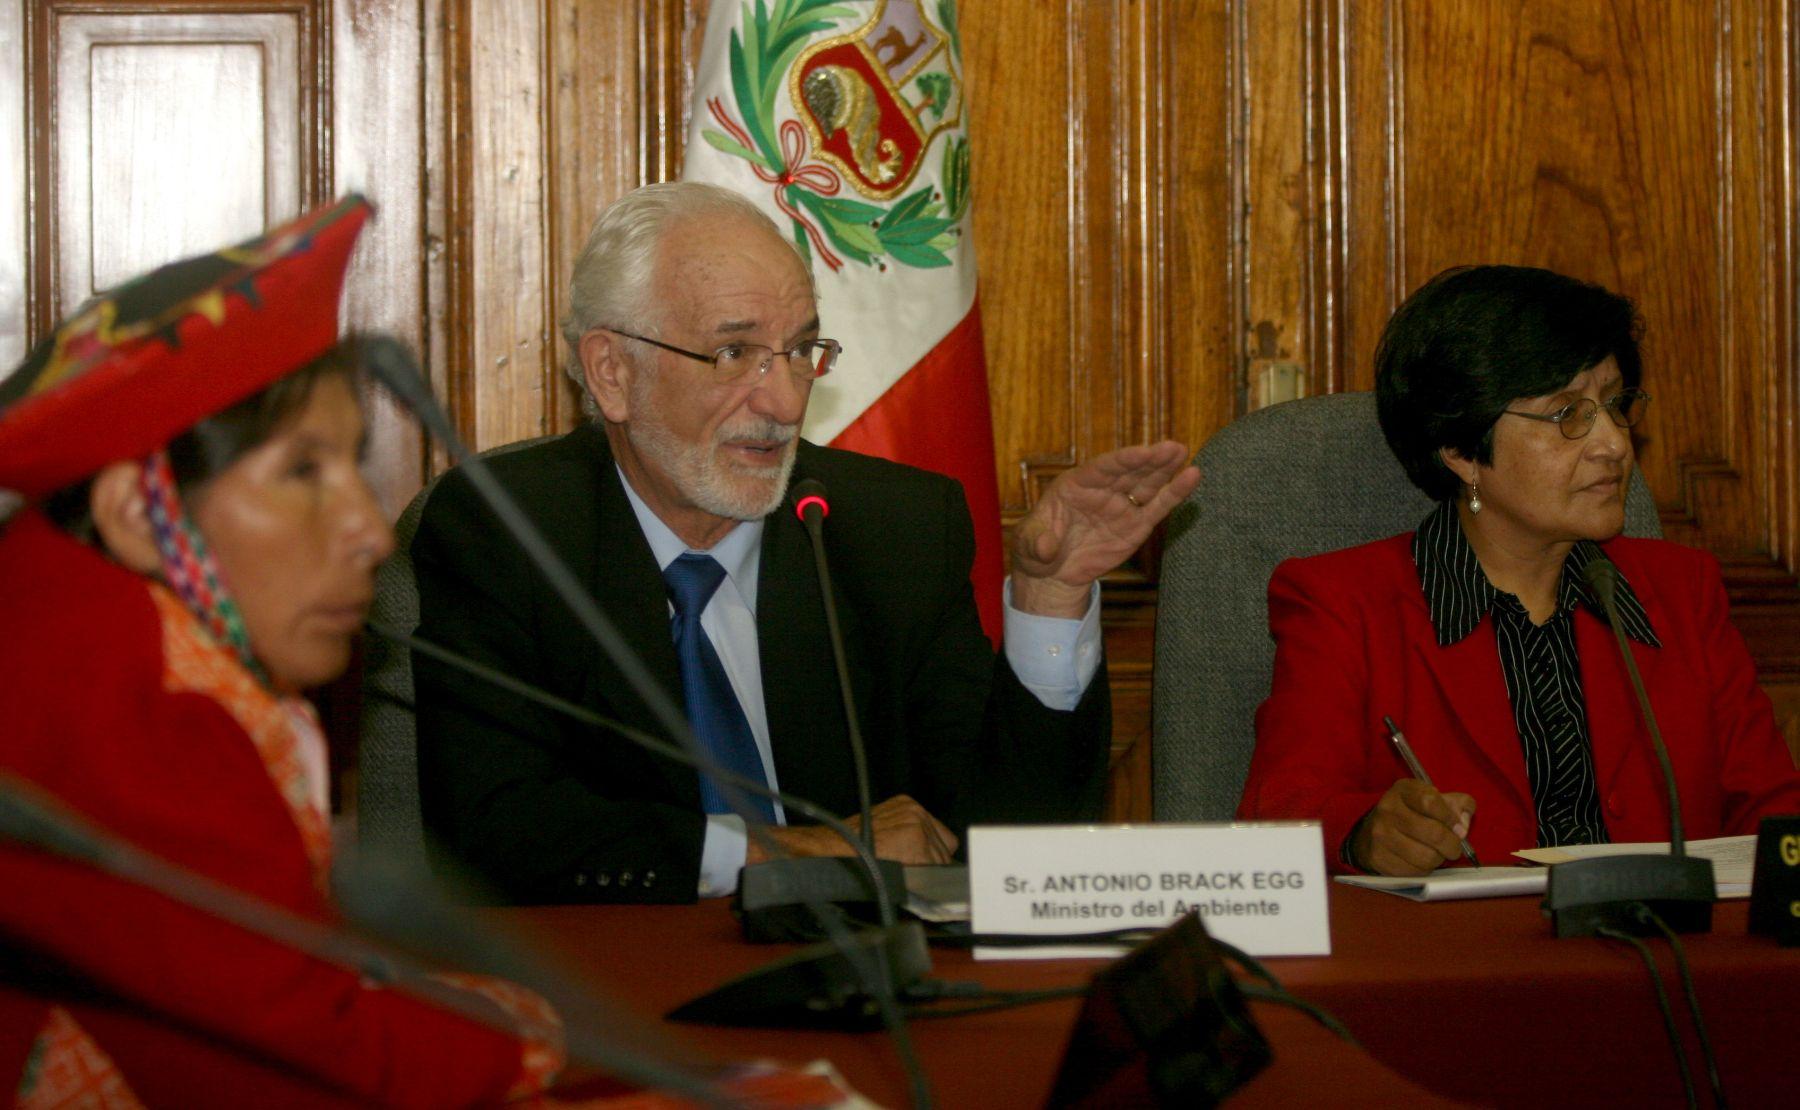 Flamante ministro del Ambiente, Antonio Brack, informando sobre su portafolio en el Congreso de la República. Foto: ANDINA/Jorge Paz H.